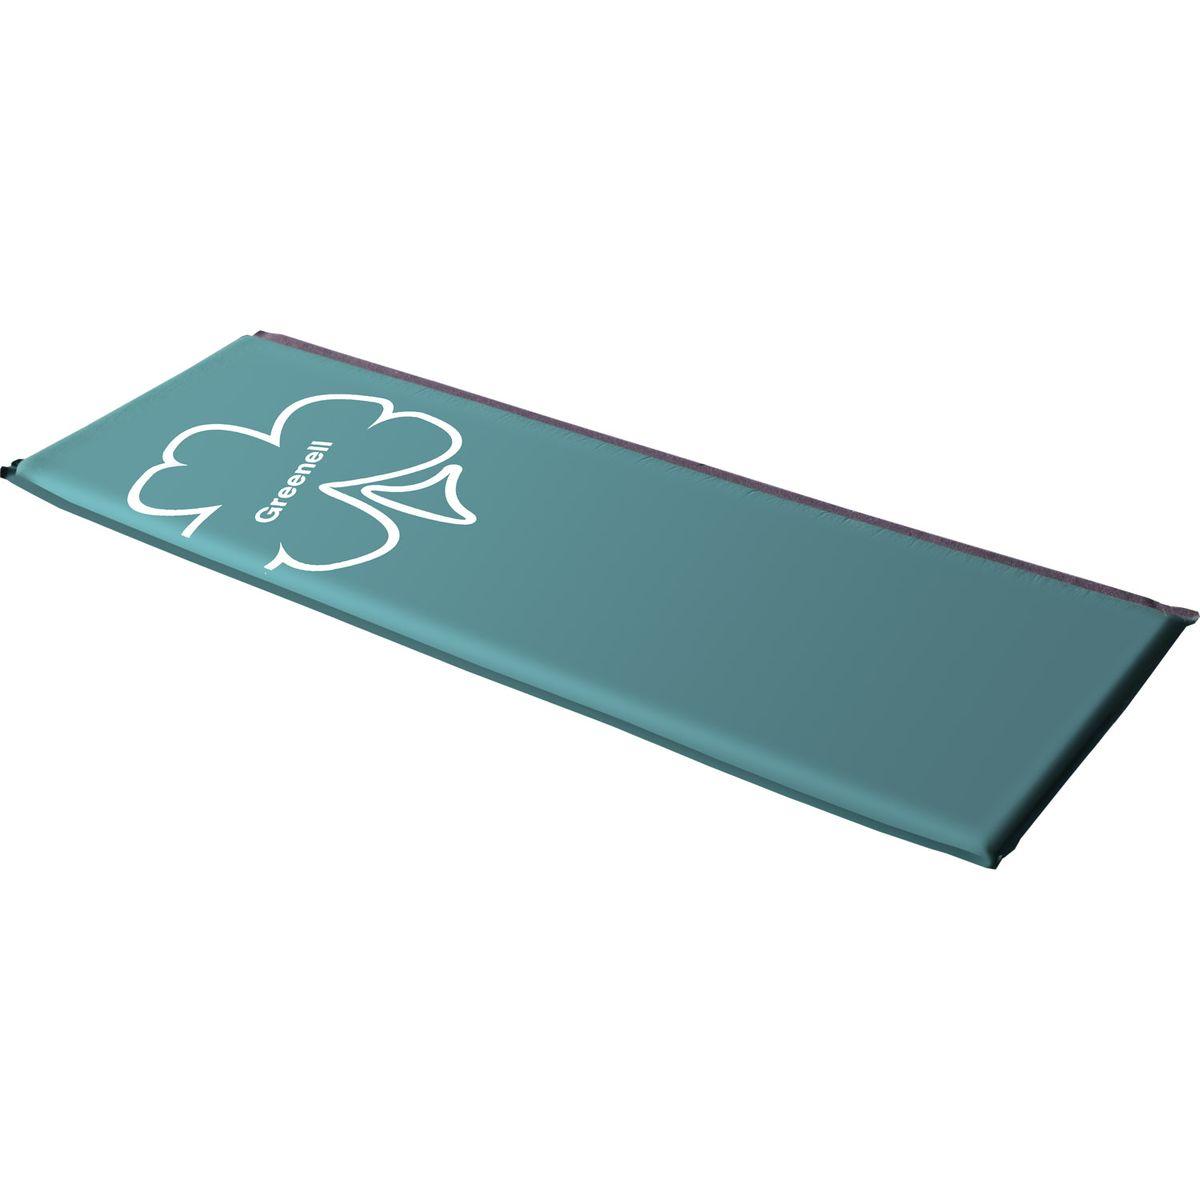 Коврик самонадувающийся Greenell Классик, цвет: зеленый, 190 см х 60 см х 5 см решетка гриль hot pot универсальная большая арт 61341 38 28 4 58см